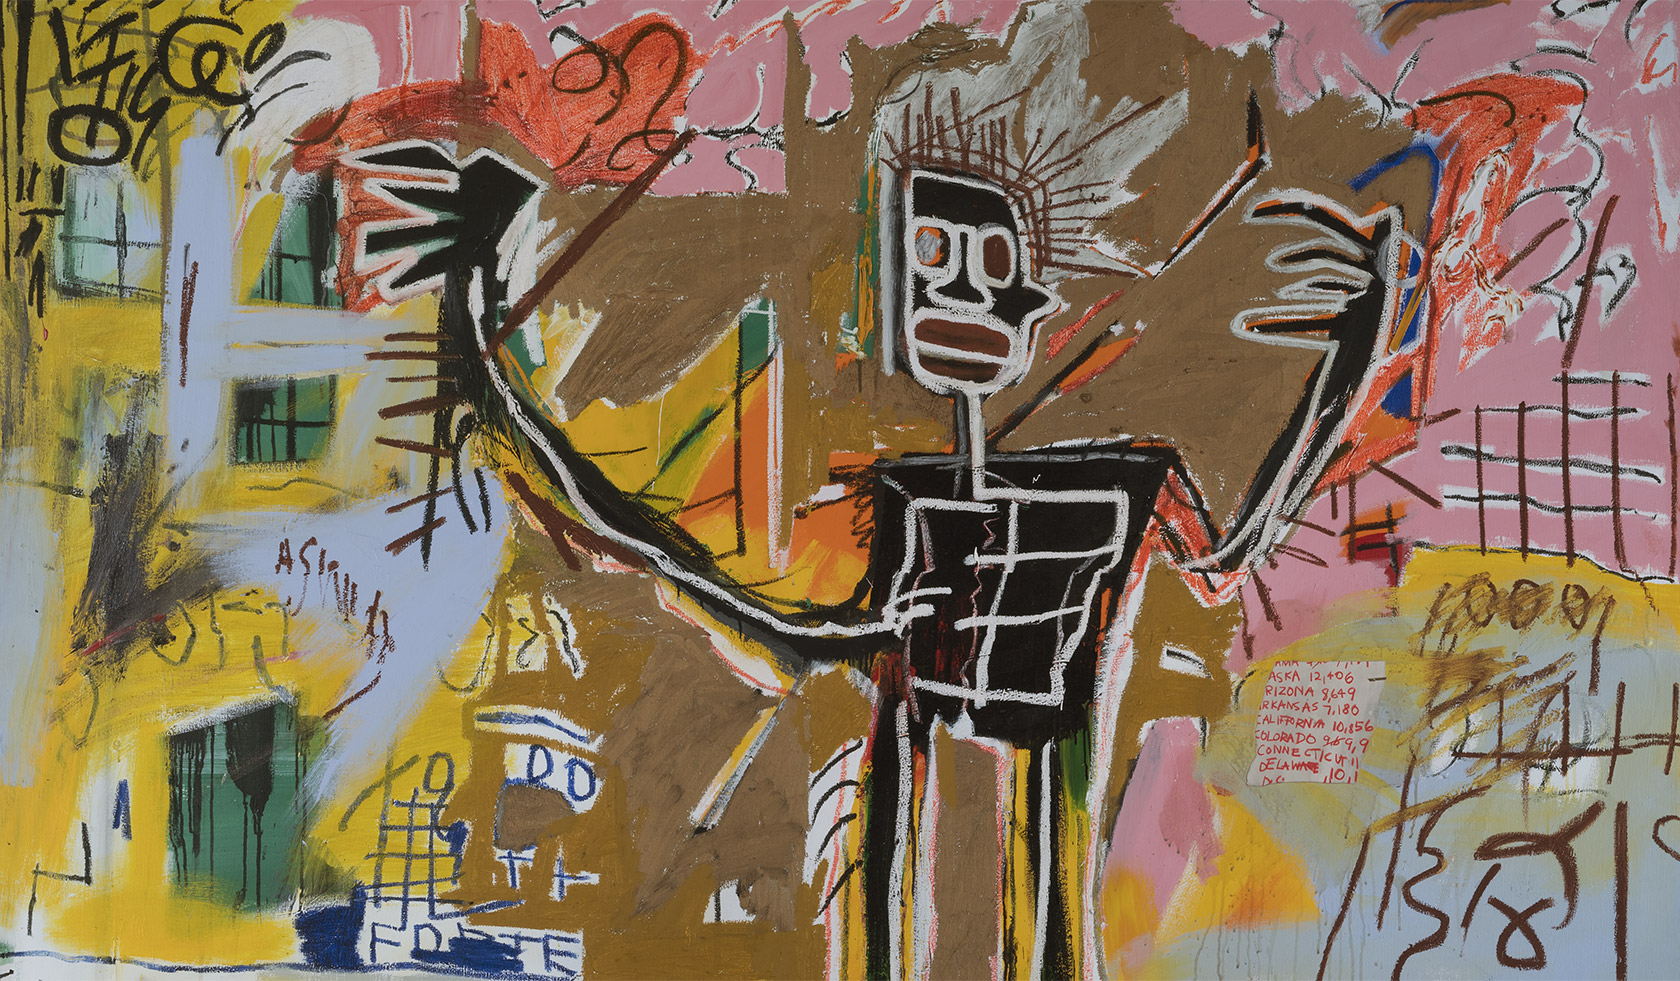 1680x981 Jean Michel Basquiat Gặp Egon Schiele trong các cuộc khảo sát ở Paris